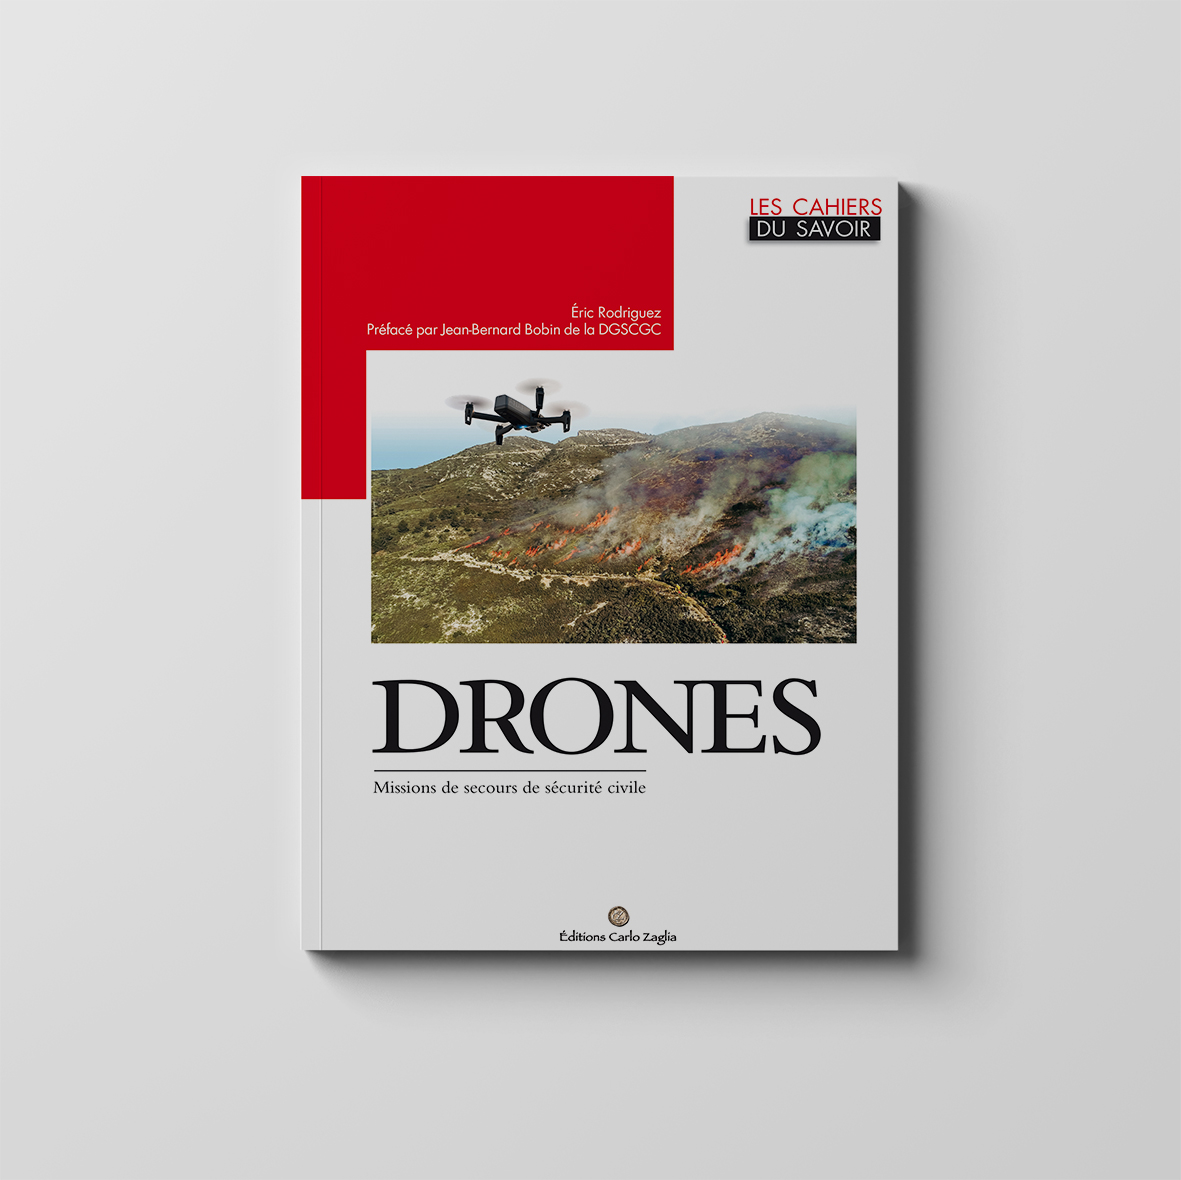 Drones : missions de secours de sécurité civile